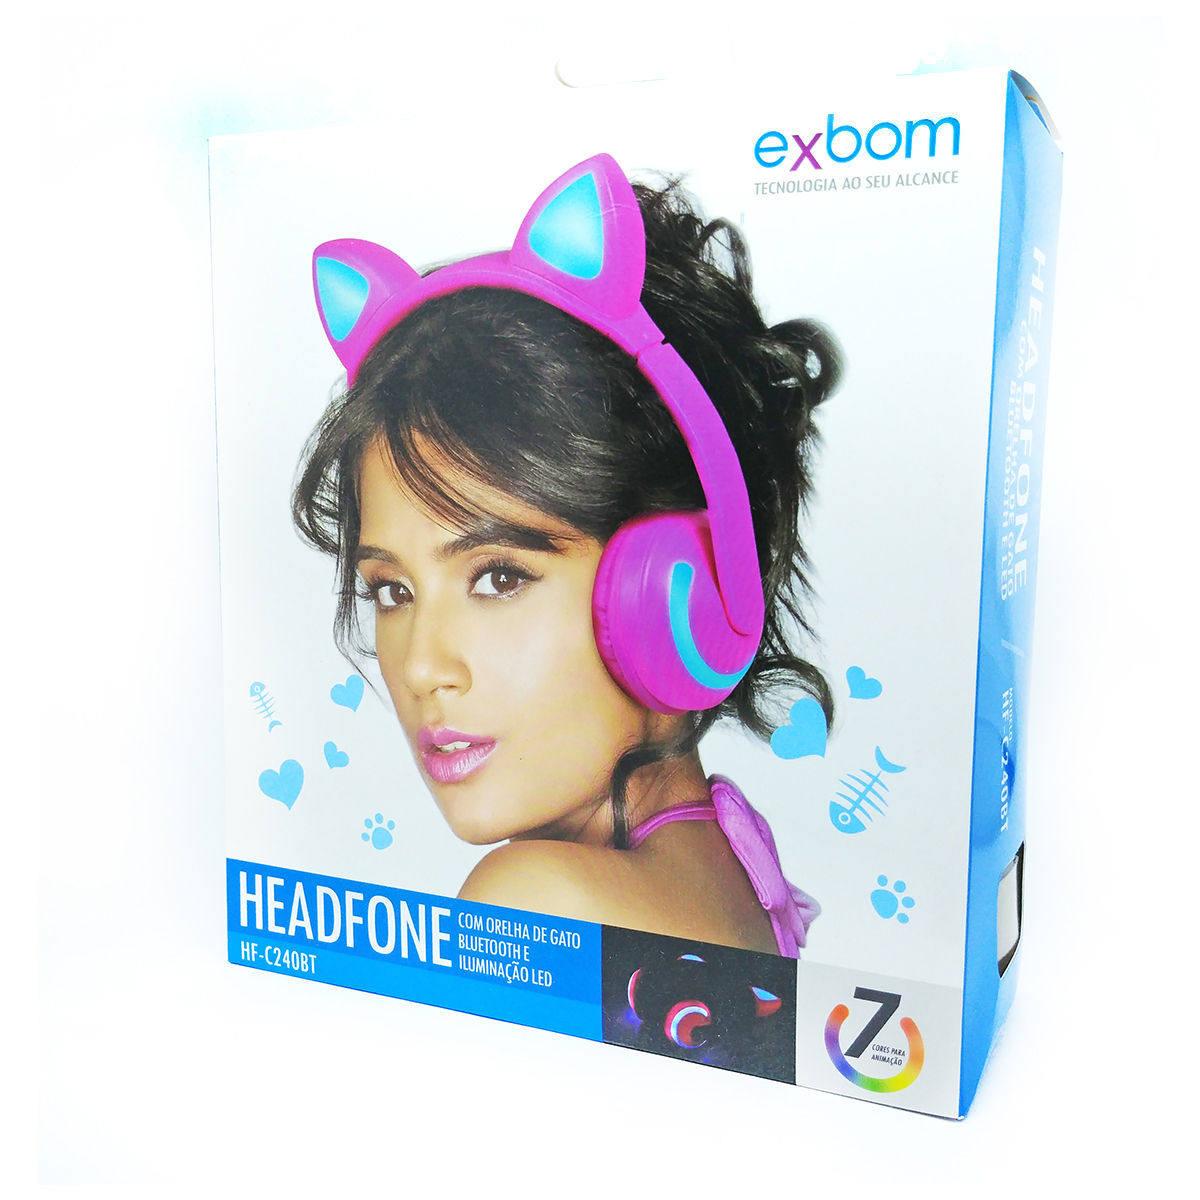 Headphone Bluetooth com Orelhas de Gato e Iluminação LED Fone Sem Fio de Gatinho Exbom HF-C240BT Preto